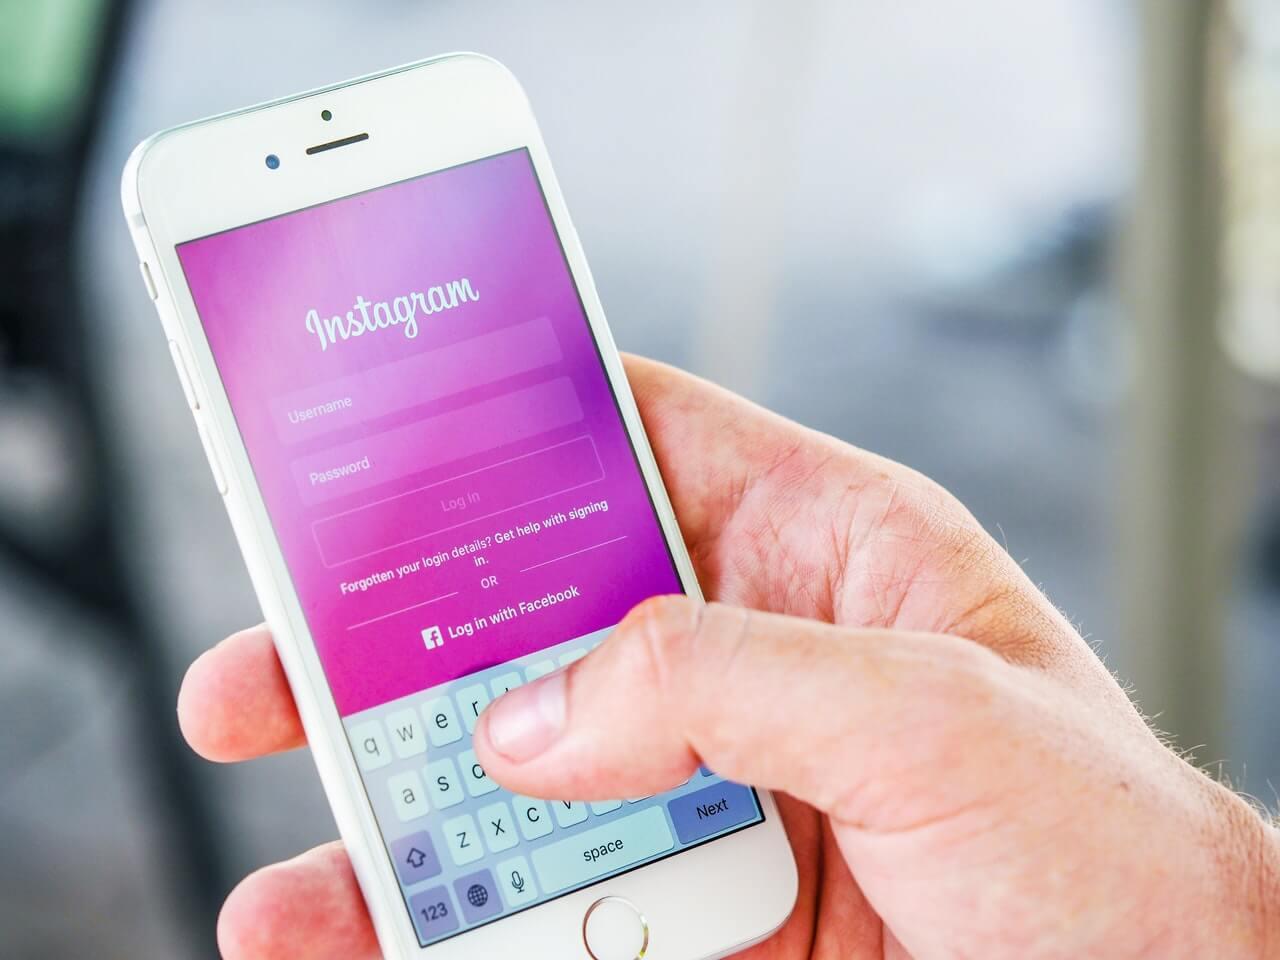 Pourquoi acheter des followers Instagram